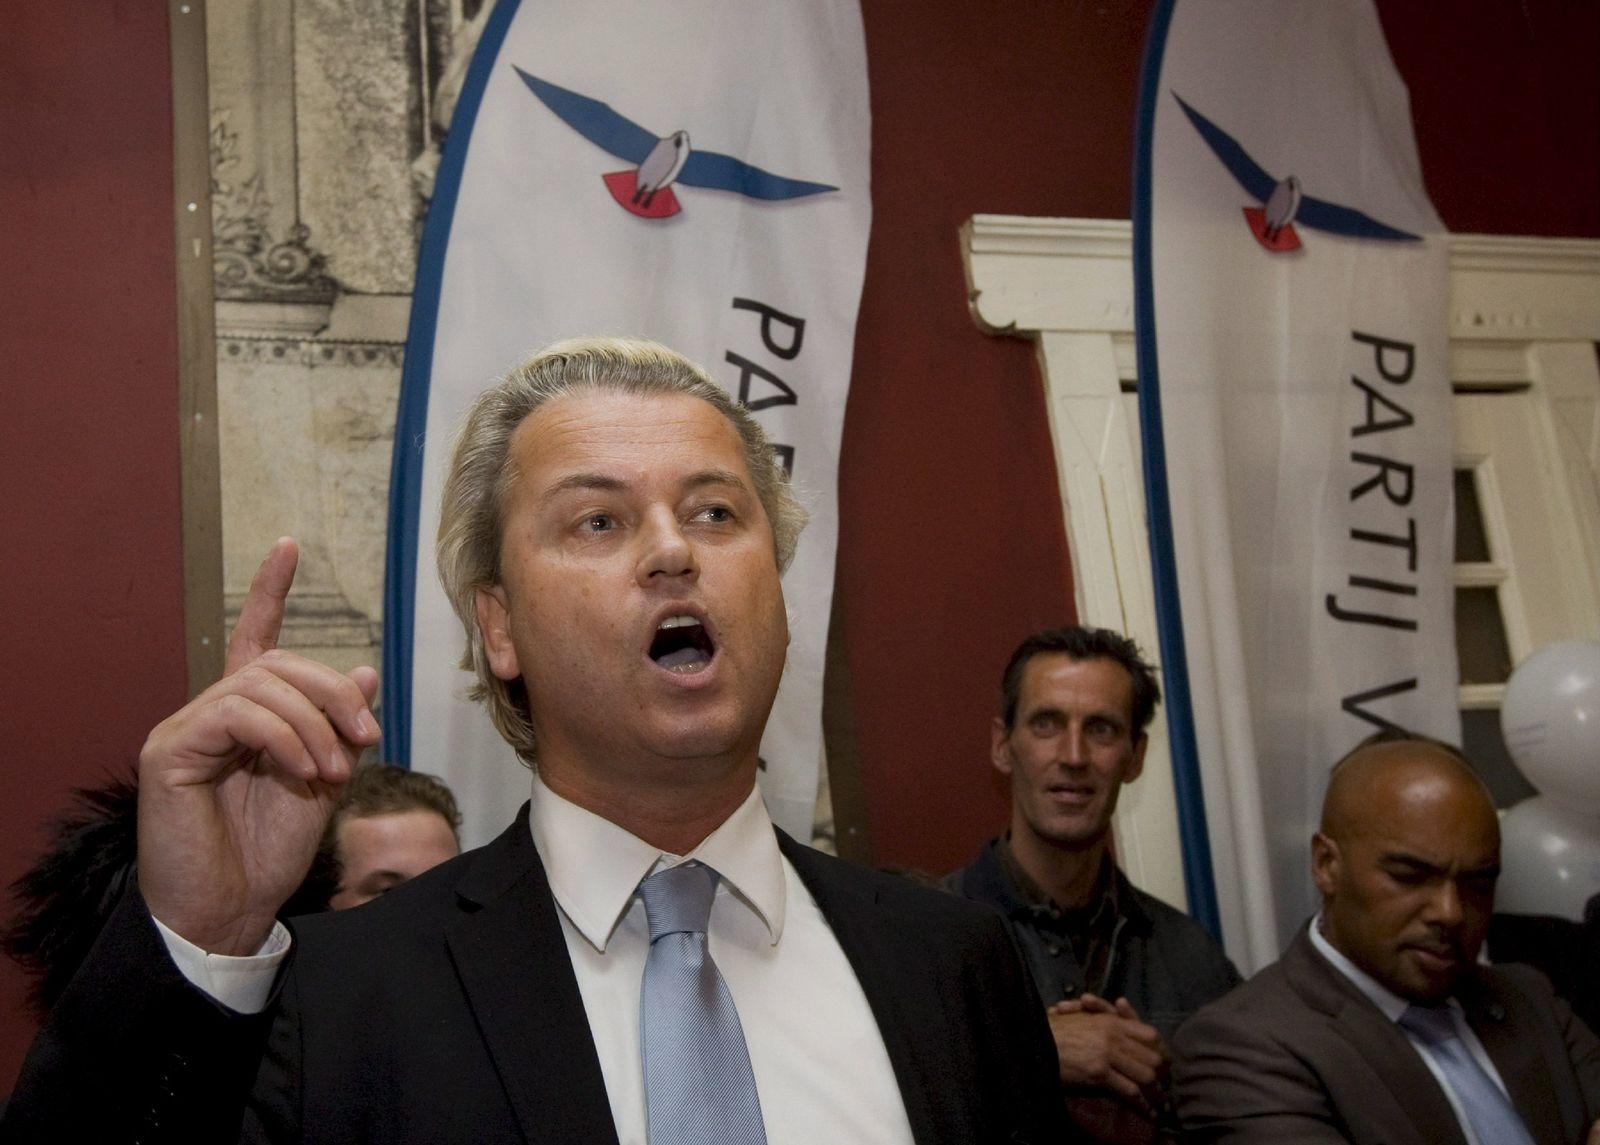 Rechtspopulist Wilders feiert «Durchbruch» bei Europawahl